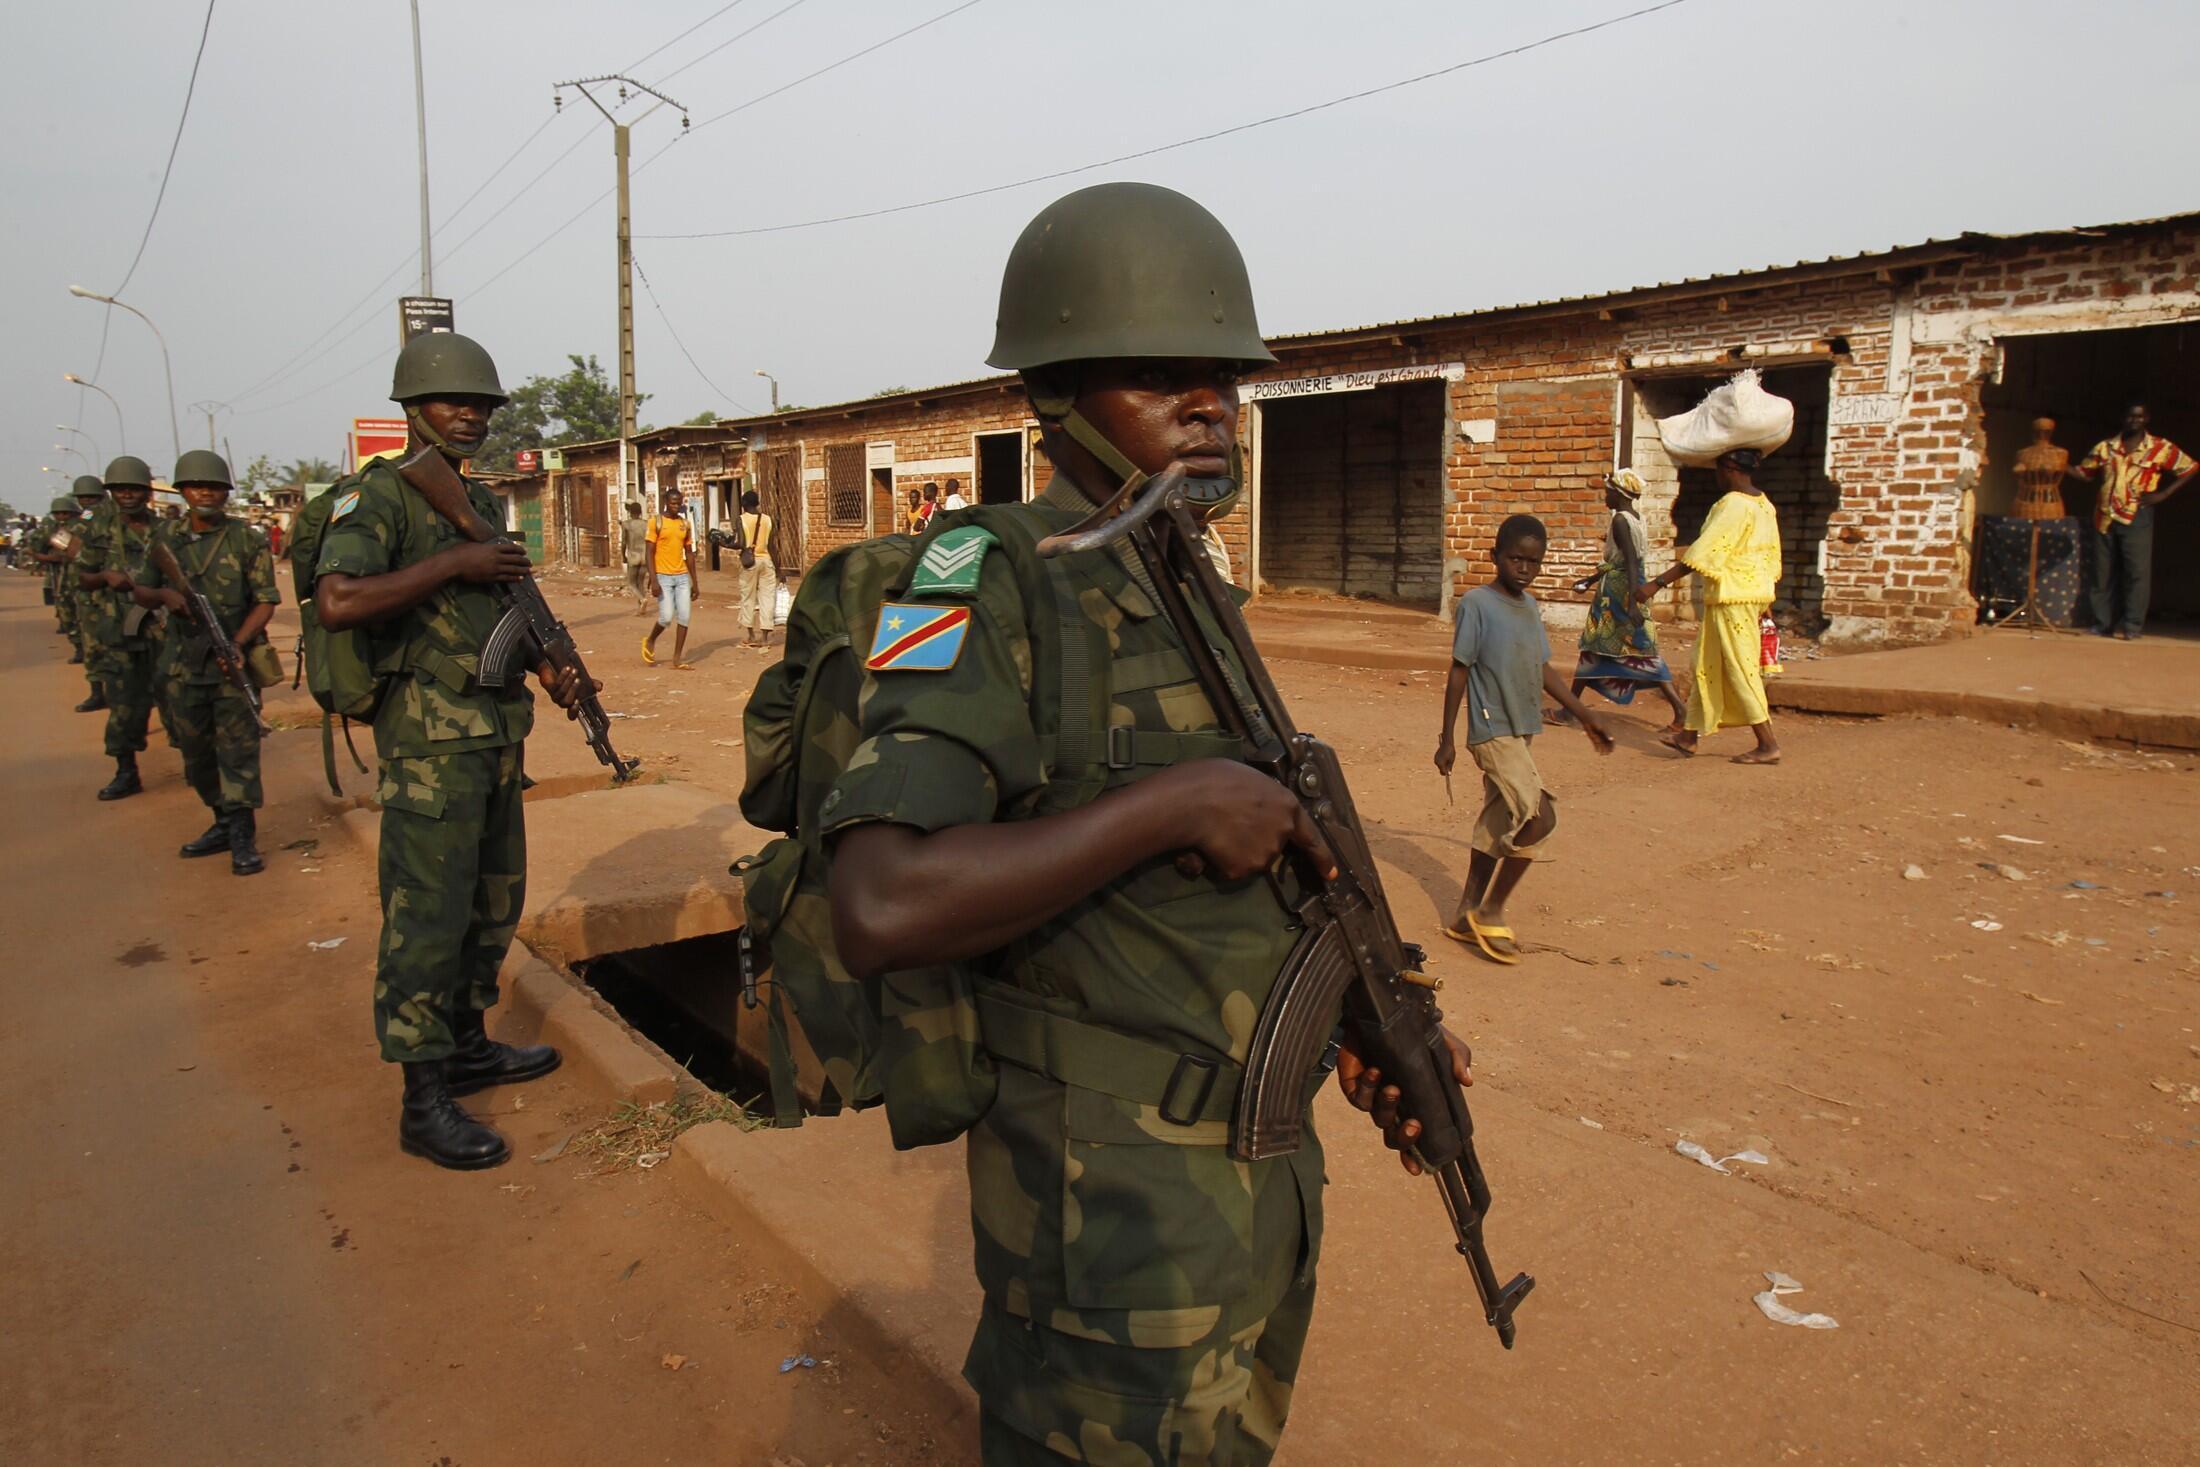 Des soldats congolais membres de la force africaine en Centrafrique. Bangui, le 12 février 2014.